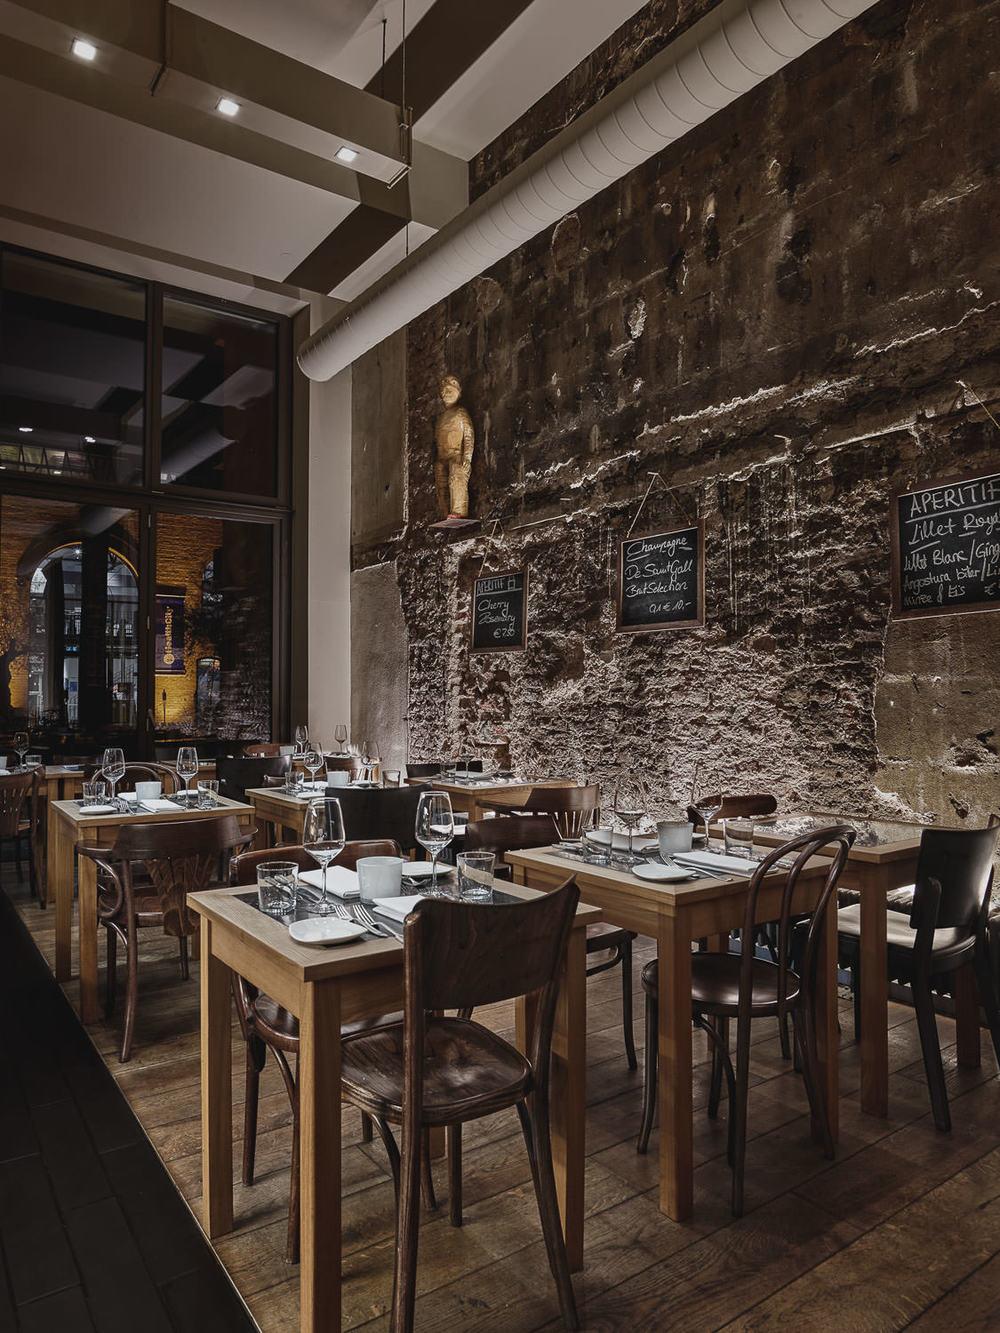 acht-restaurant-köln-klaus-dyba-11-2.jpg